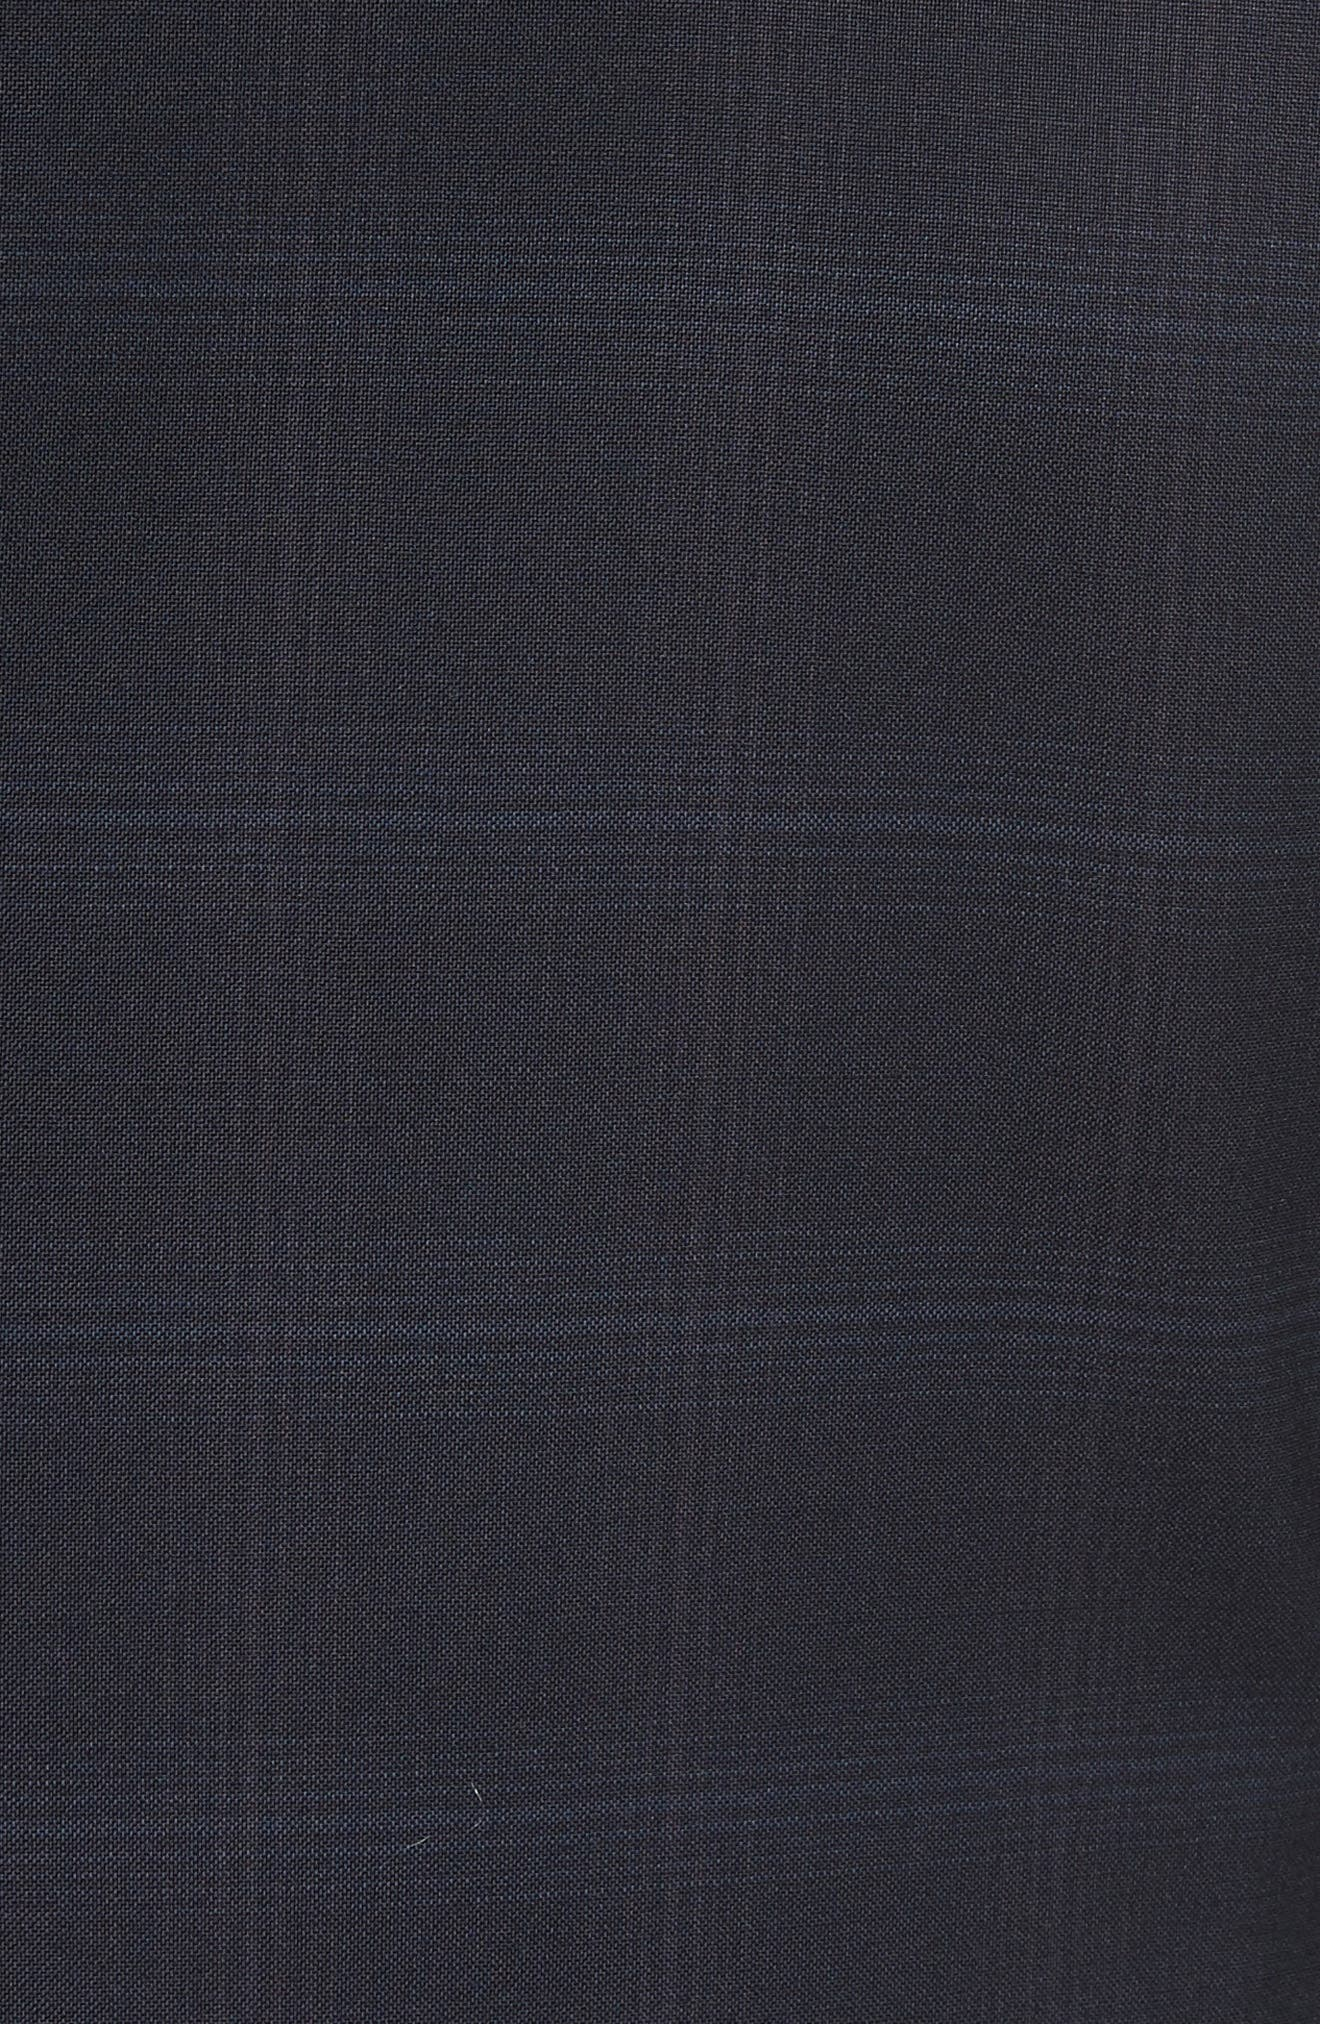 Trim Fit Plaid Wool Suit,                             Alternate thumbnail 7, color,                             465